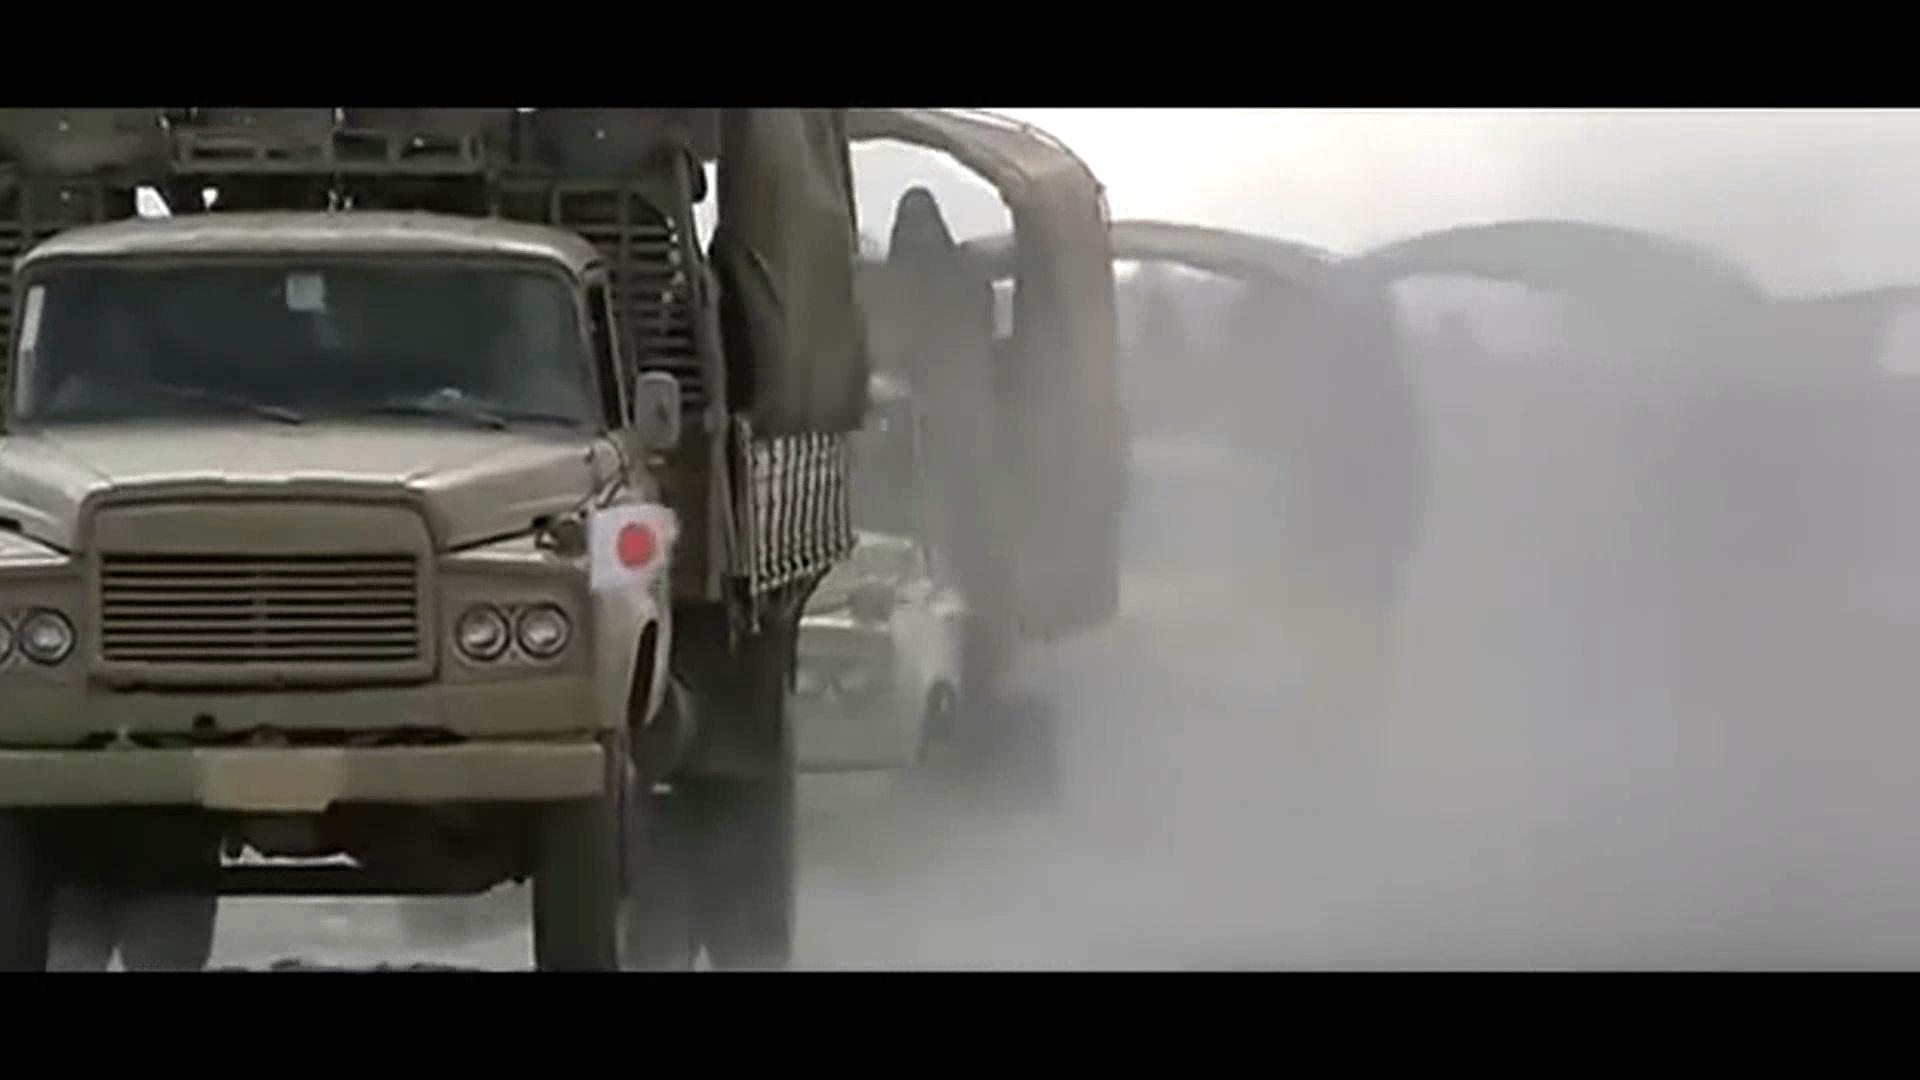 日军开着东风大卡车去打仗 早年的国产神剧